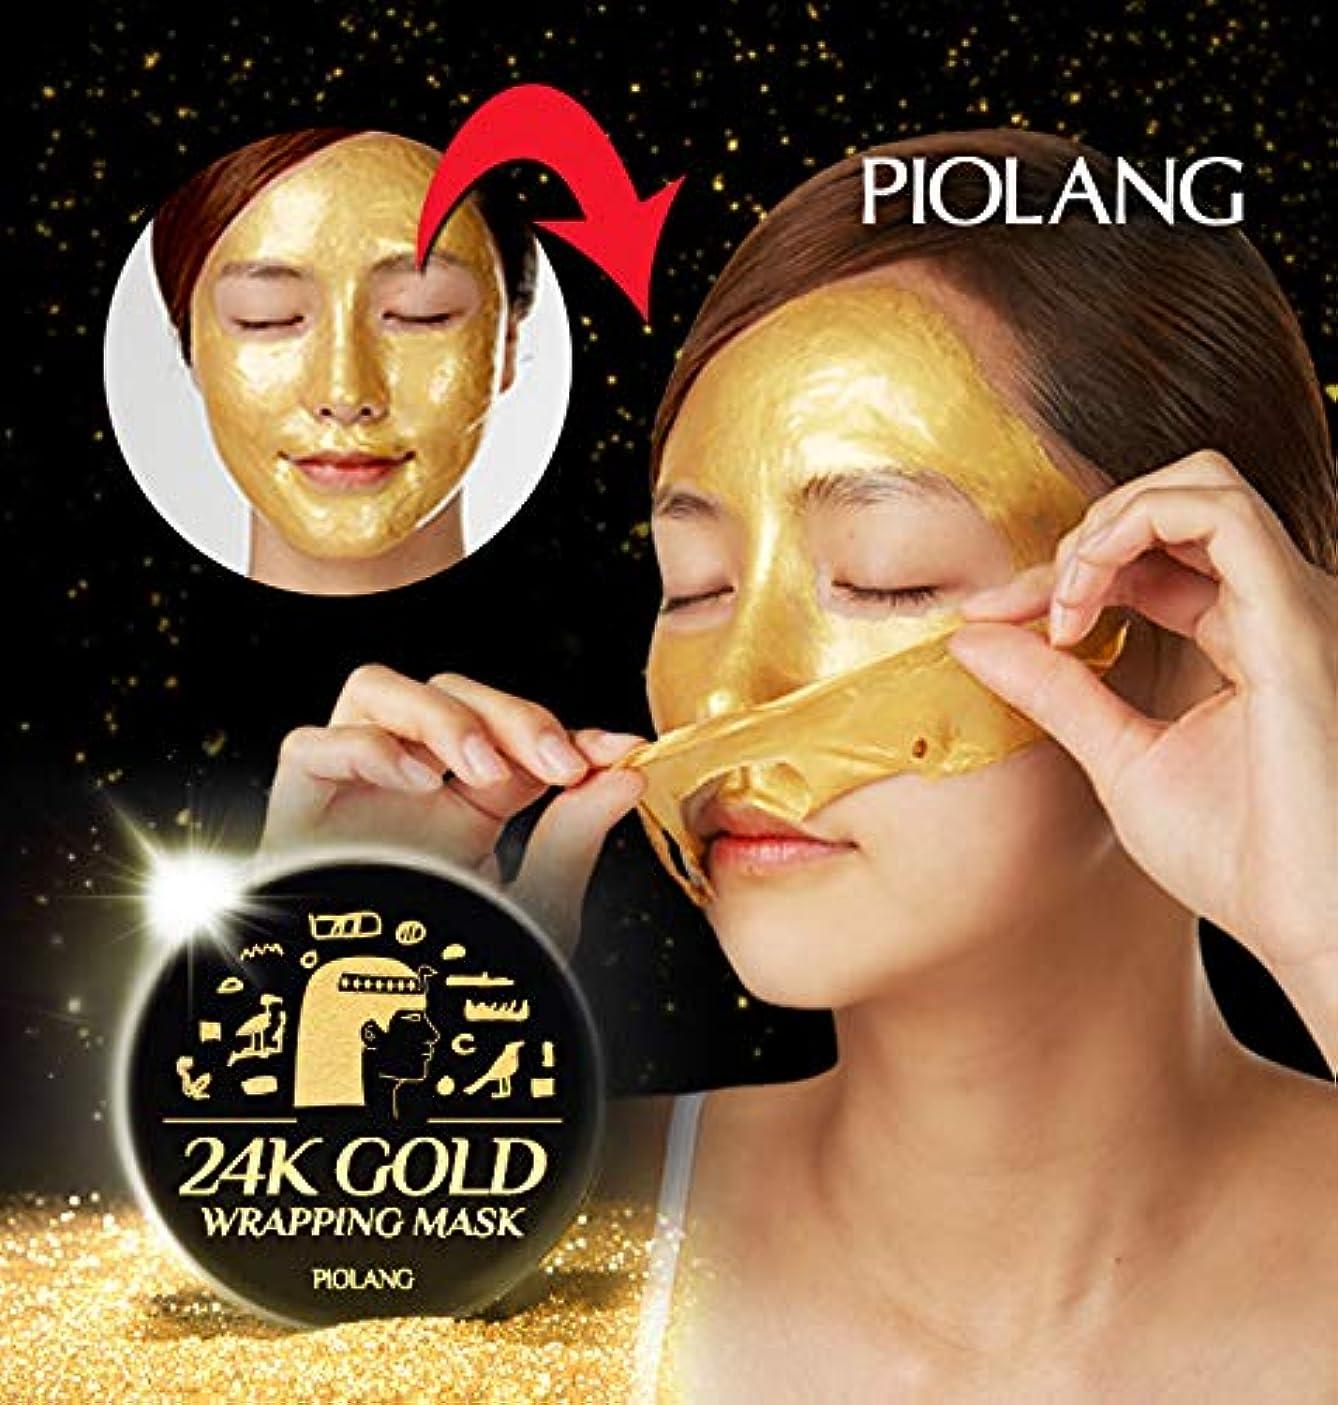 成分親指悪意Esthetic House[エステティックハウス] ピオラン(Piolang) 24Kゴールドラッピングマスク80ml (しわケアパックをはがす) / 24K Gold Wrapping Mask